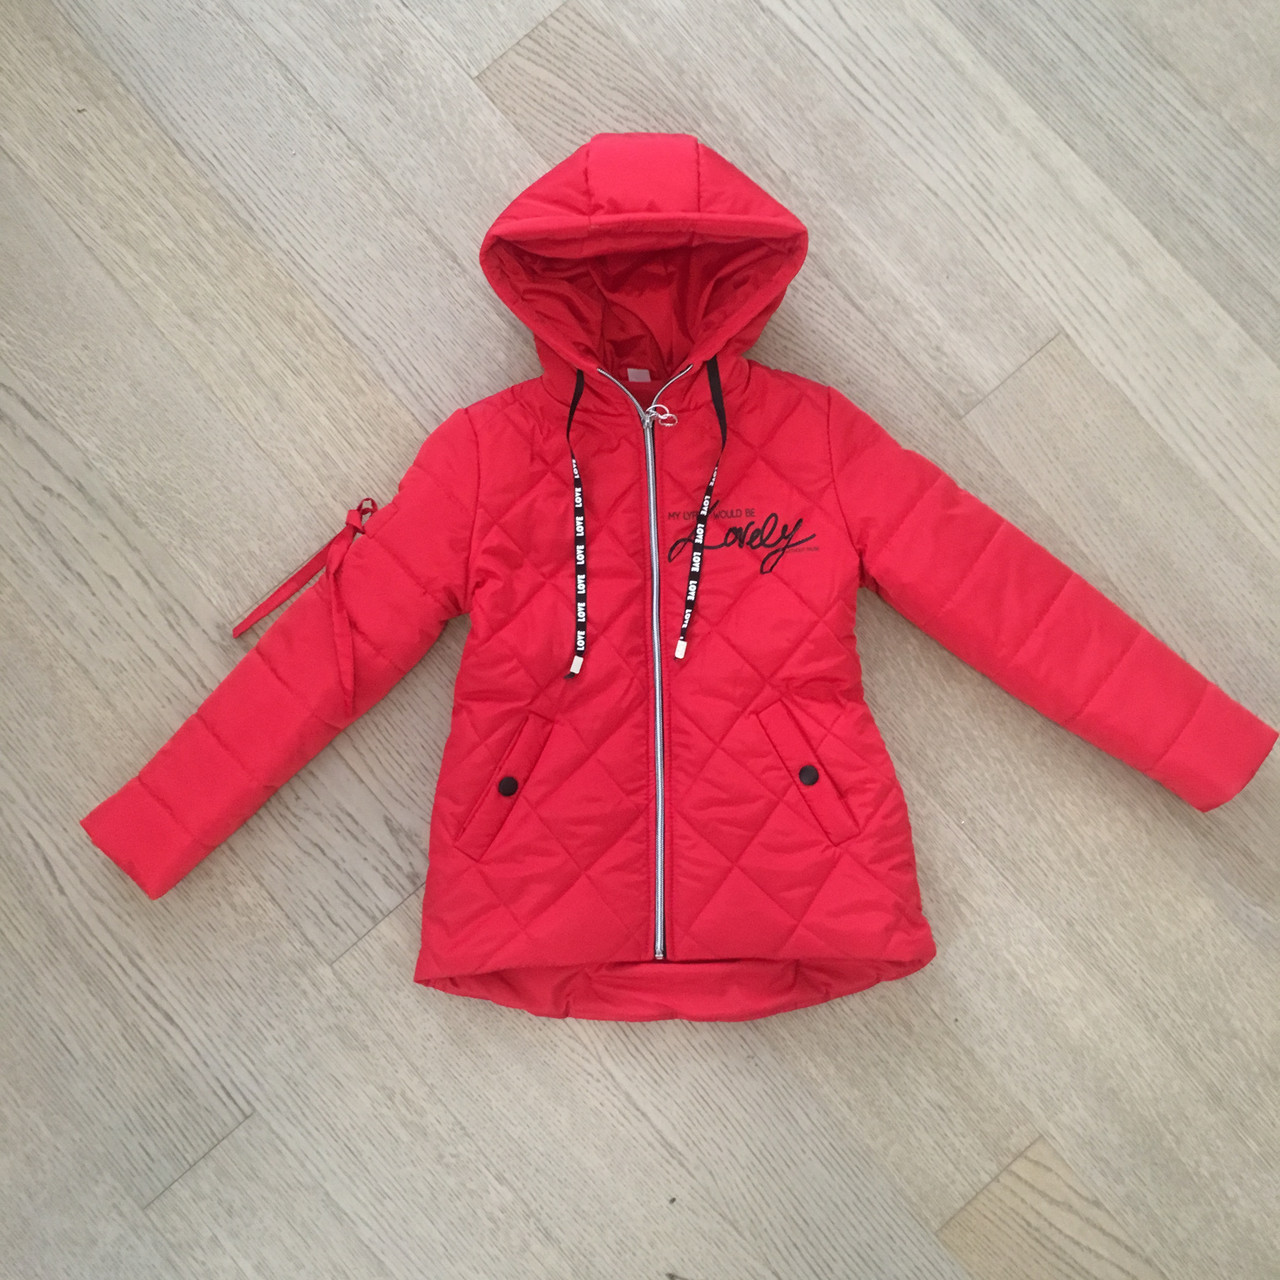 Весенние детские курточки для девочек модные